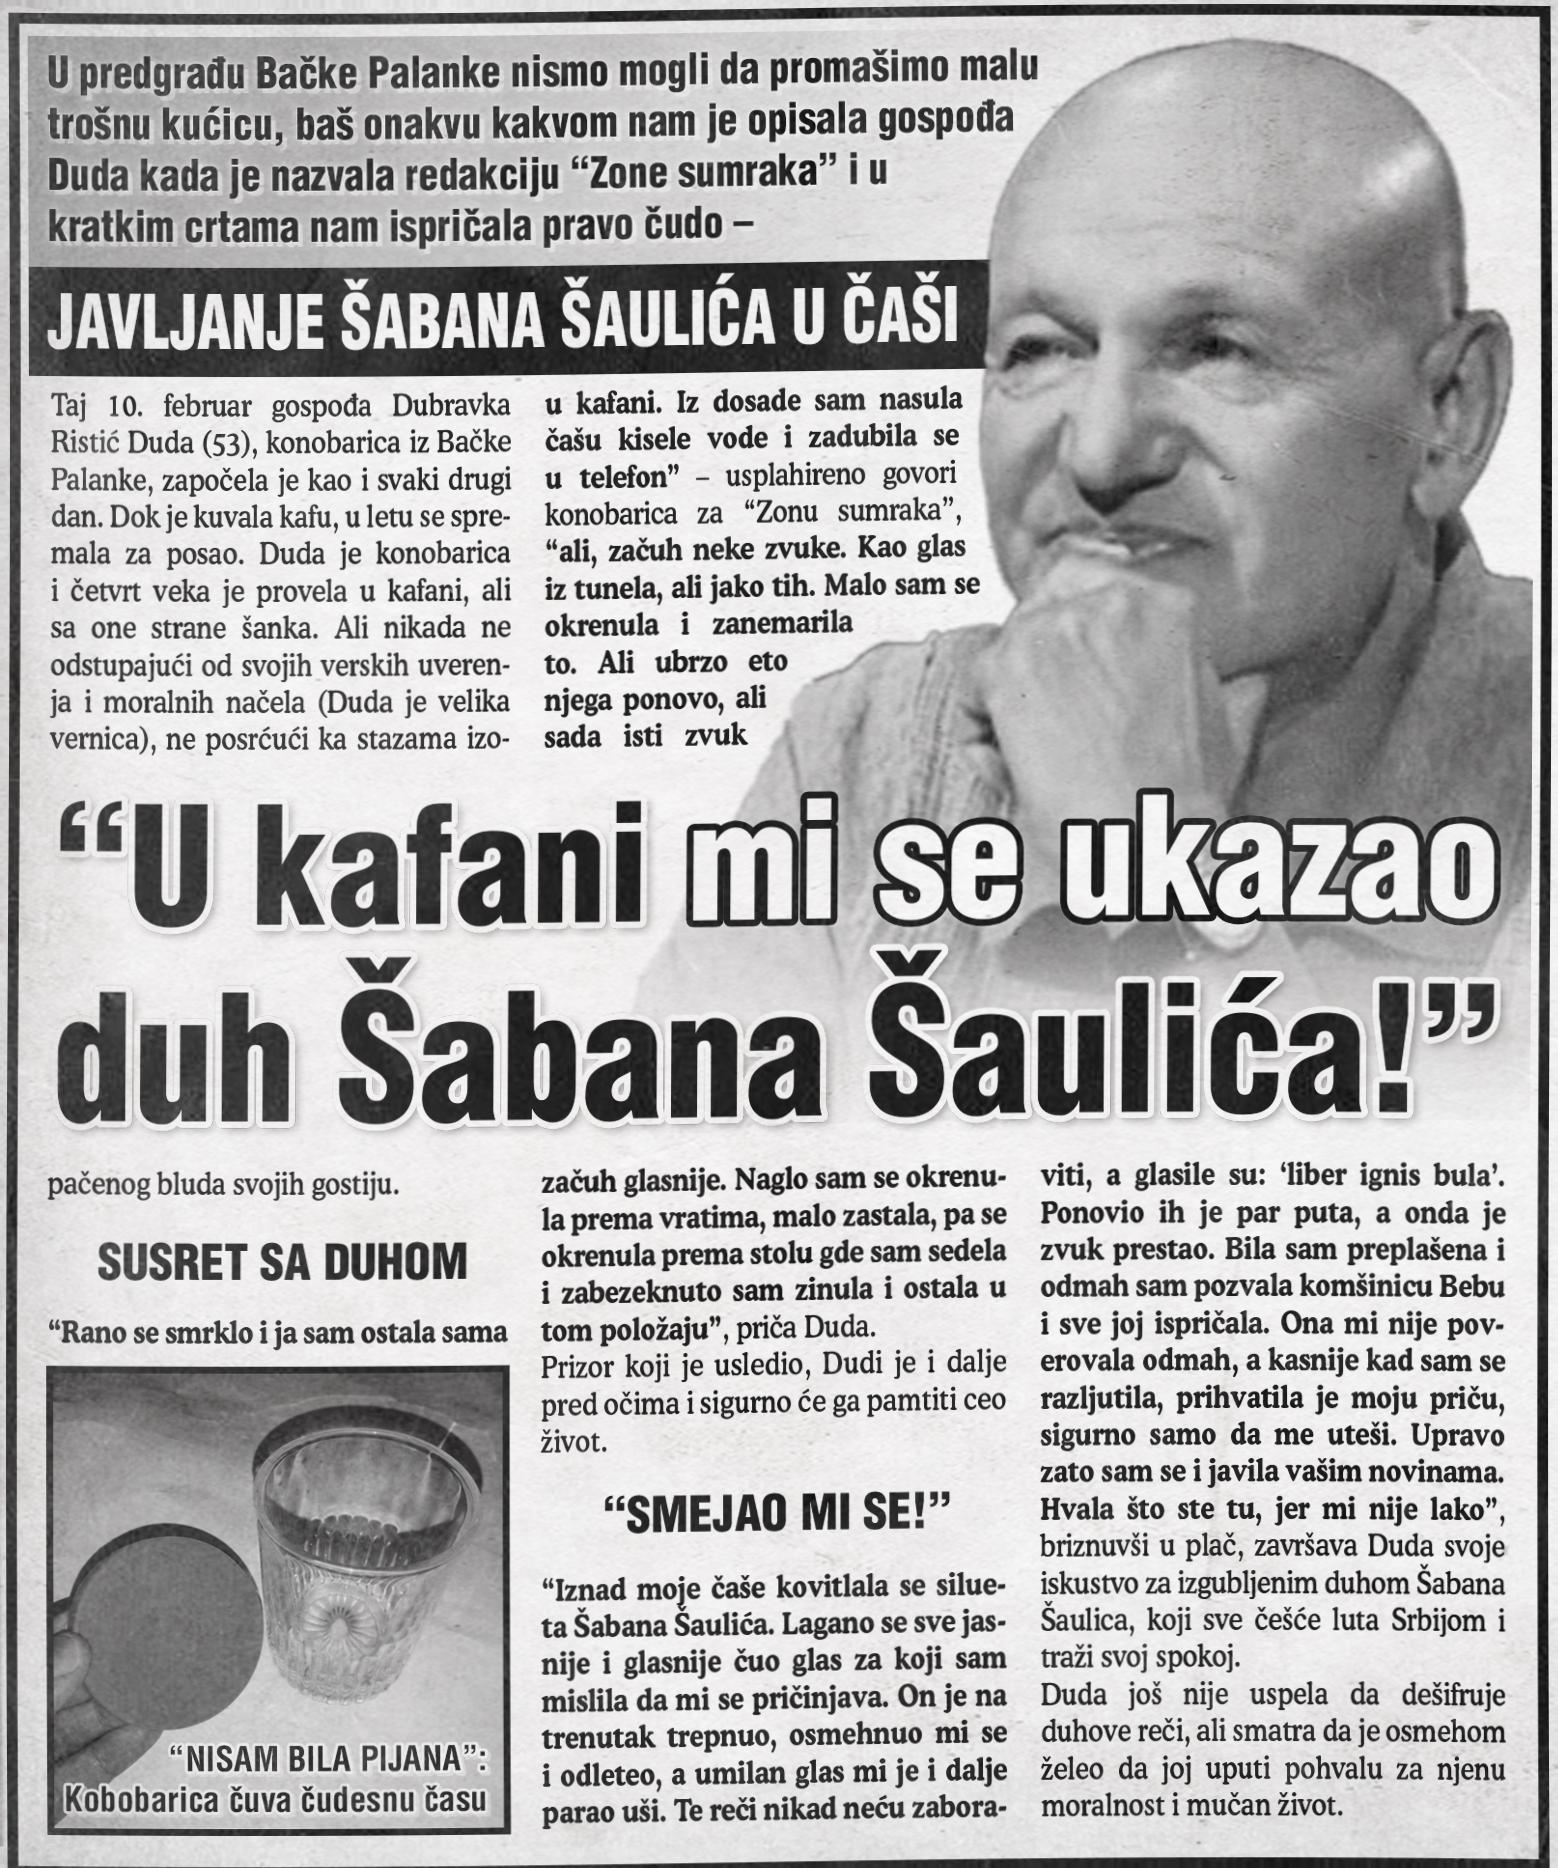 """Javljanje Šabana Šaulića u časi: """"U kafani mi se ukazao duh Šabana Šaulića!"""""""